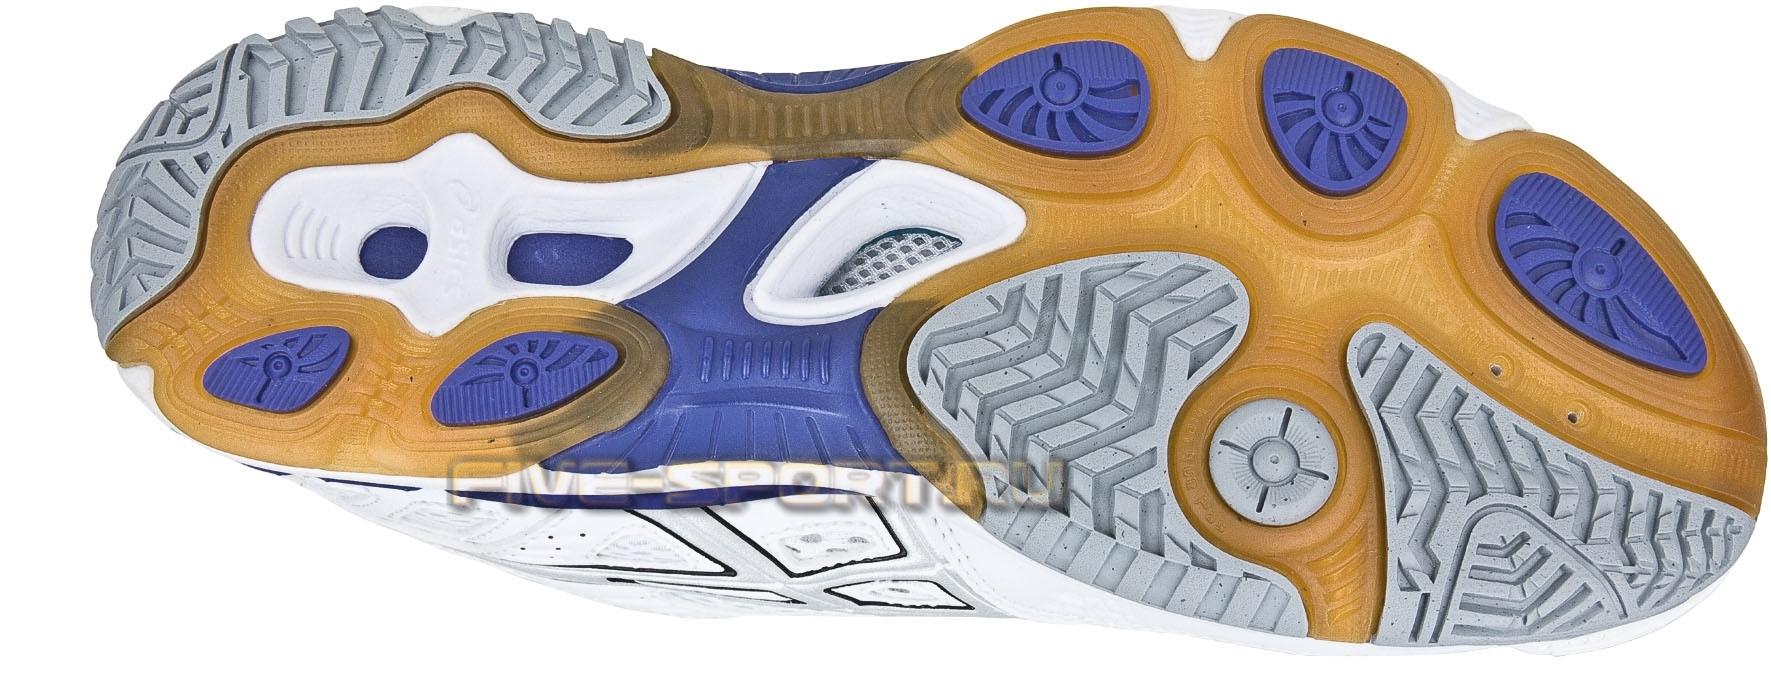 Asics Gel-Beyond 3 кроссовки волейбольные женские - 2